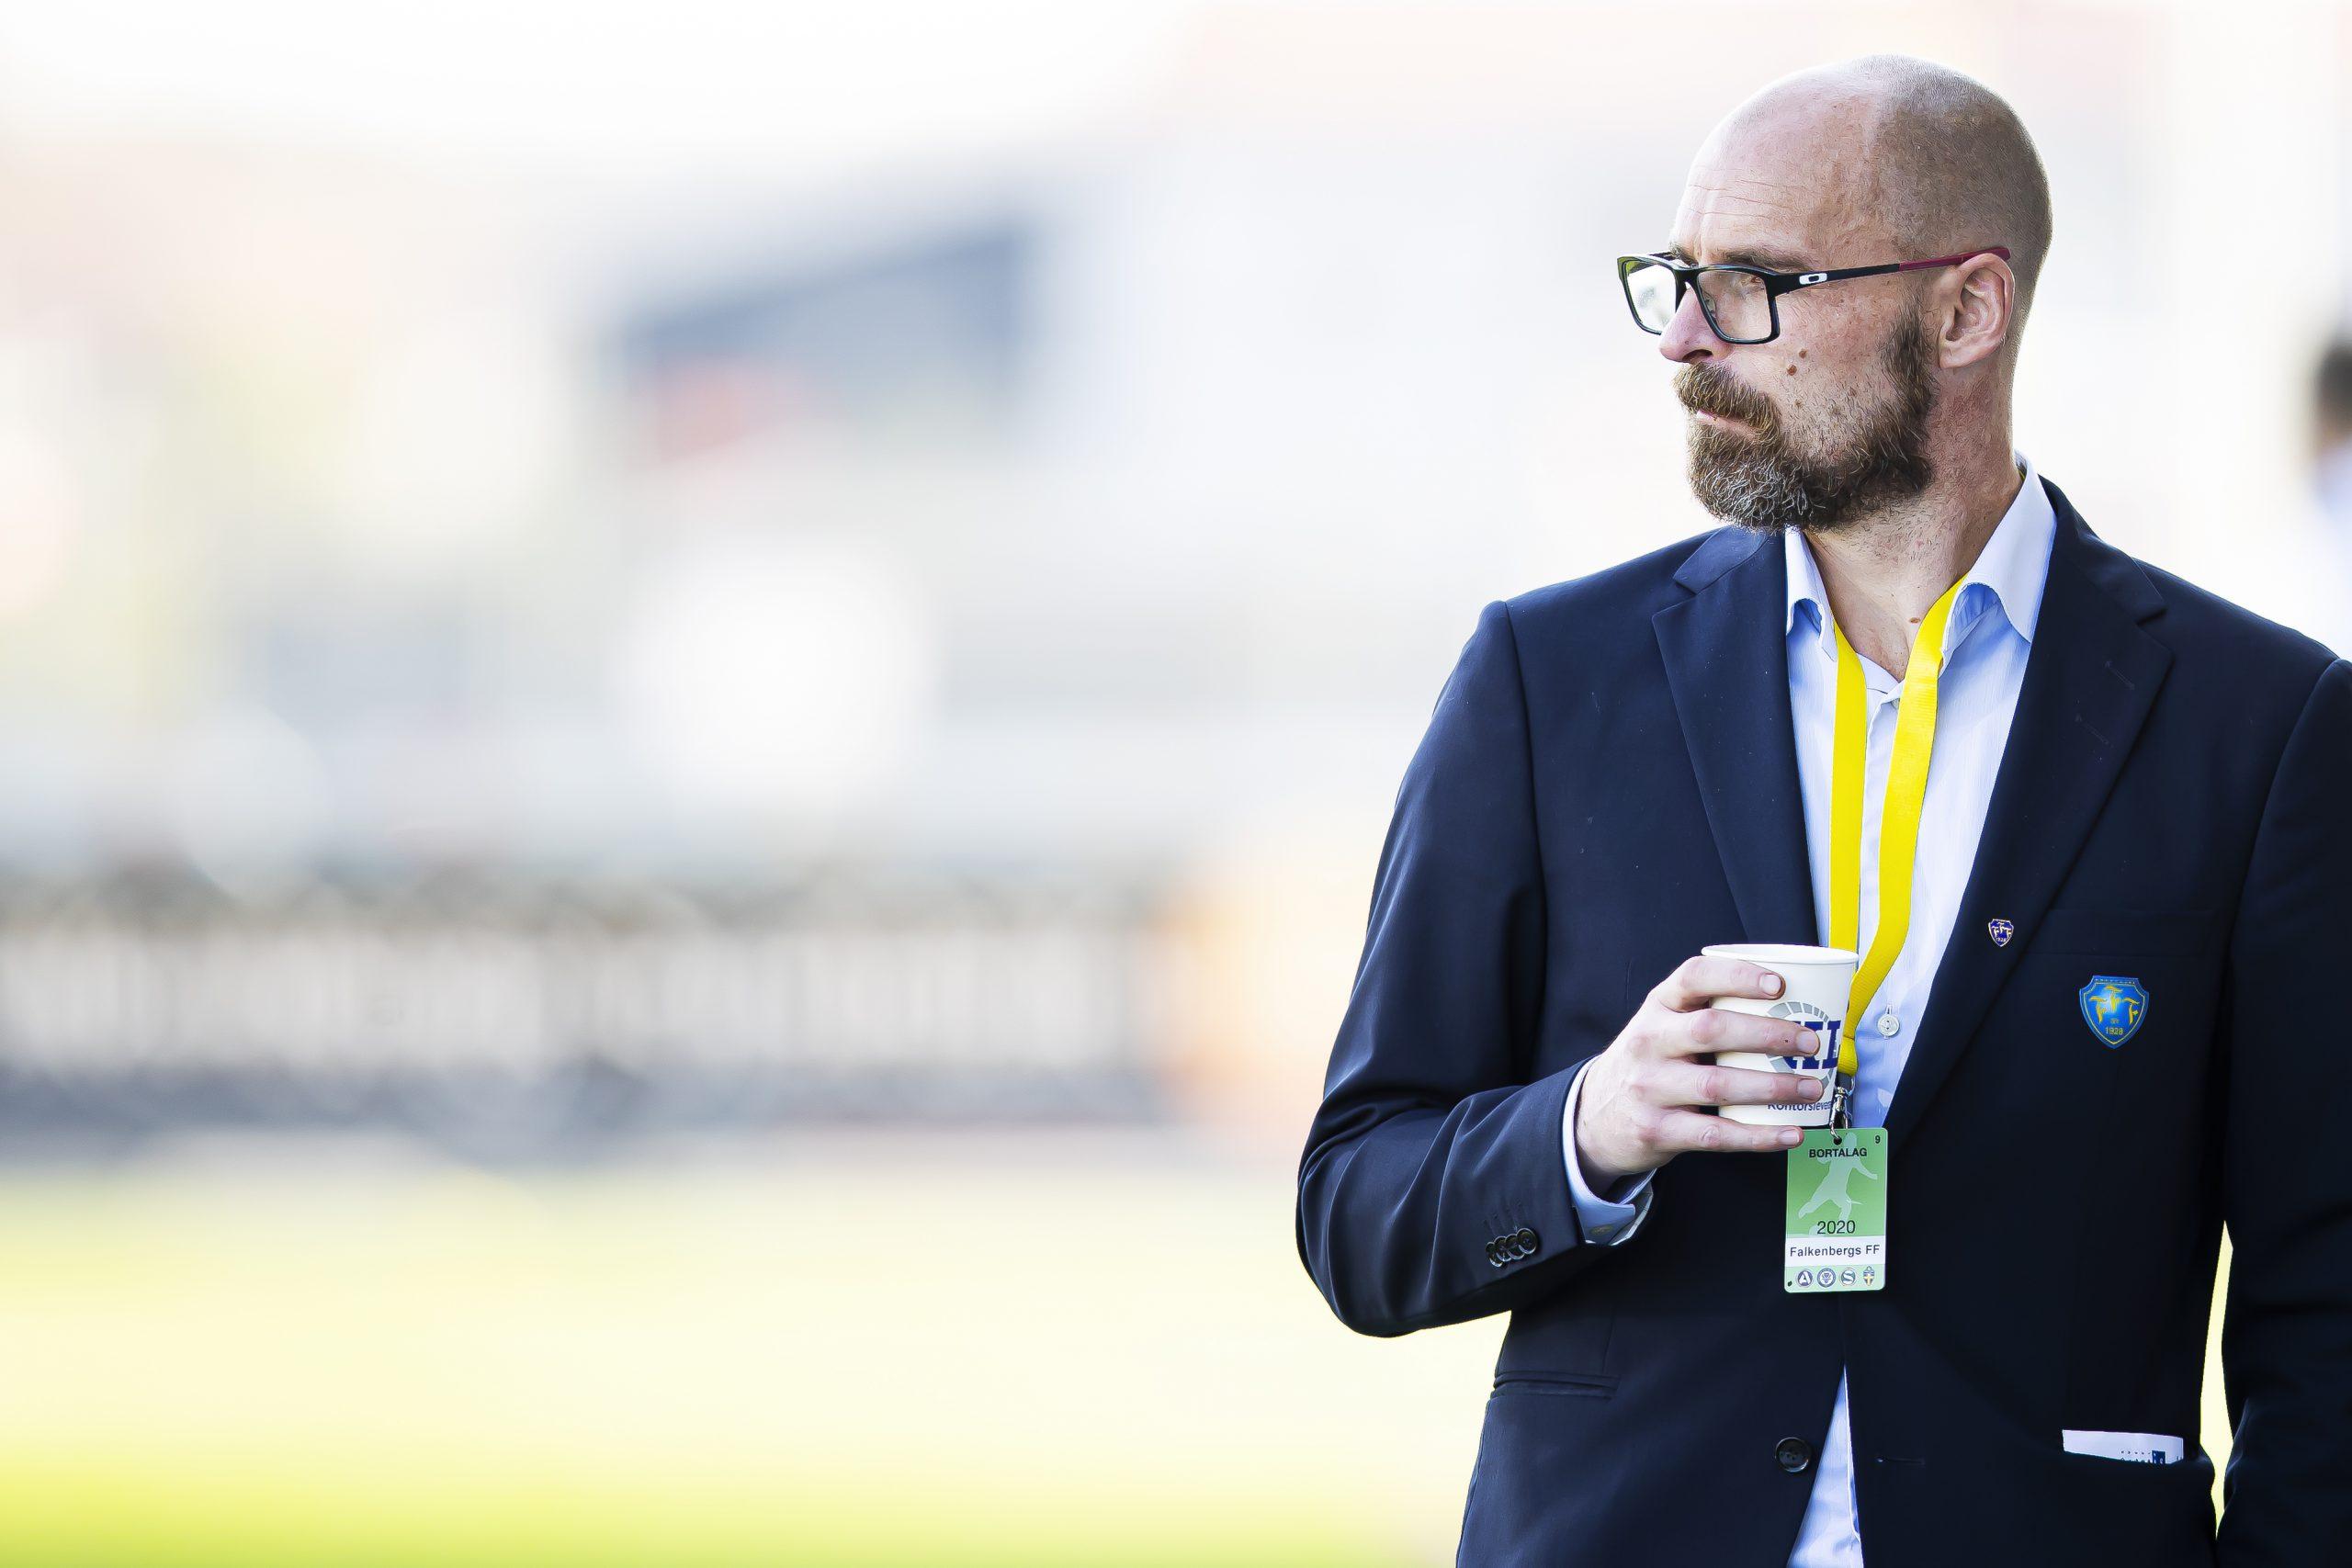 Känslor och tankar från klubbchef Patrik Lundgren